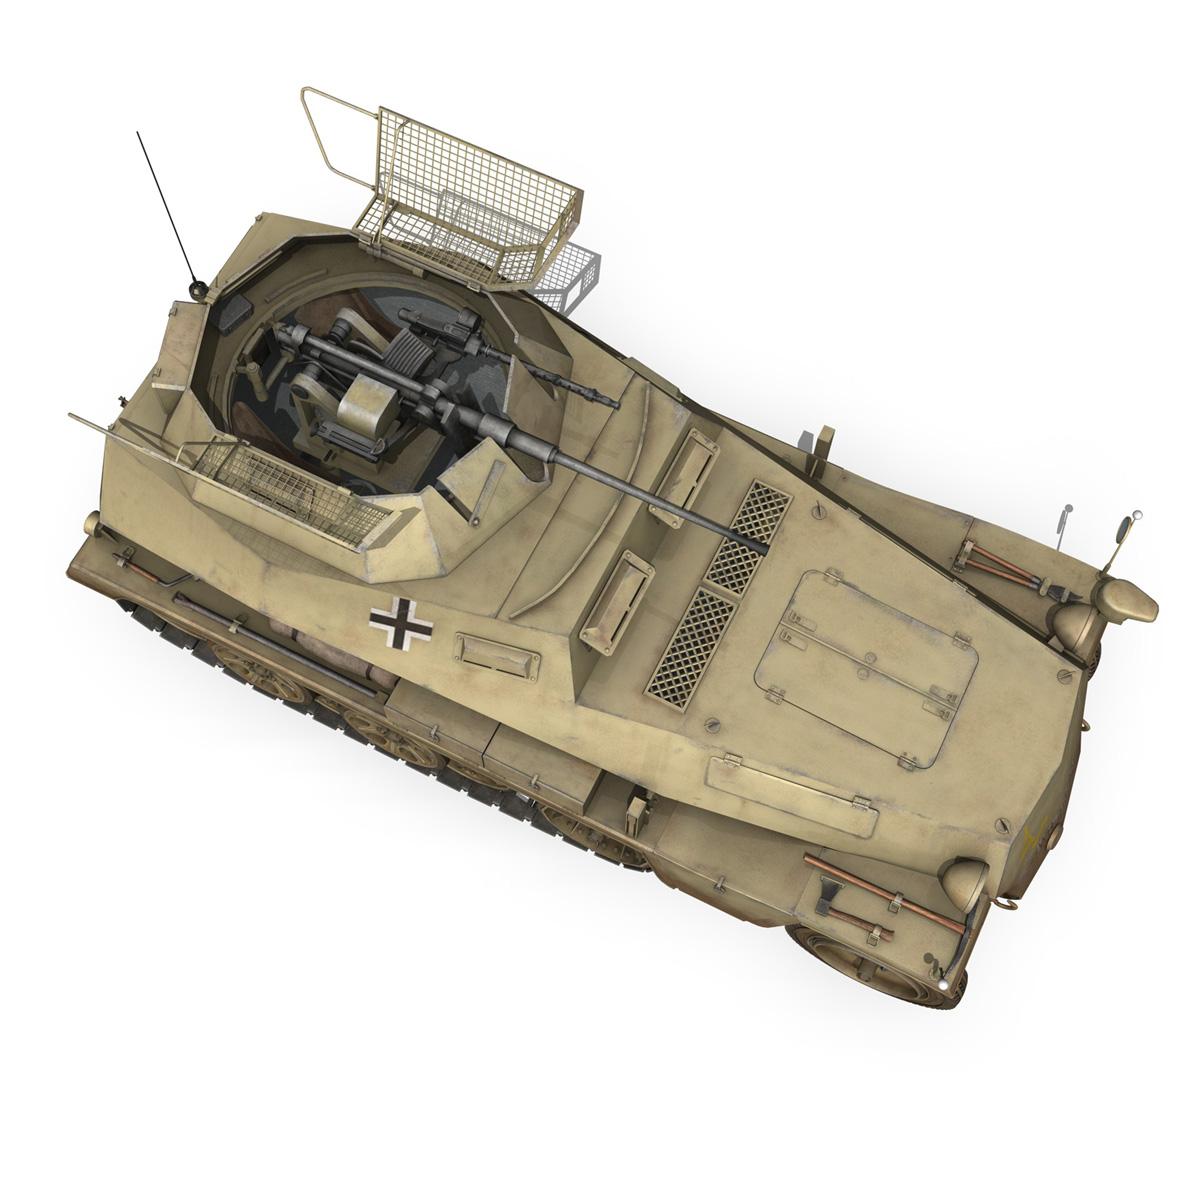 SD.KFZ 250 - Reconnaissance Halftruck - 23 PzDiv 3d model 3ds fbx c4d lwo lws lw obj 273098